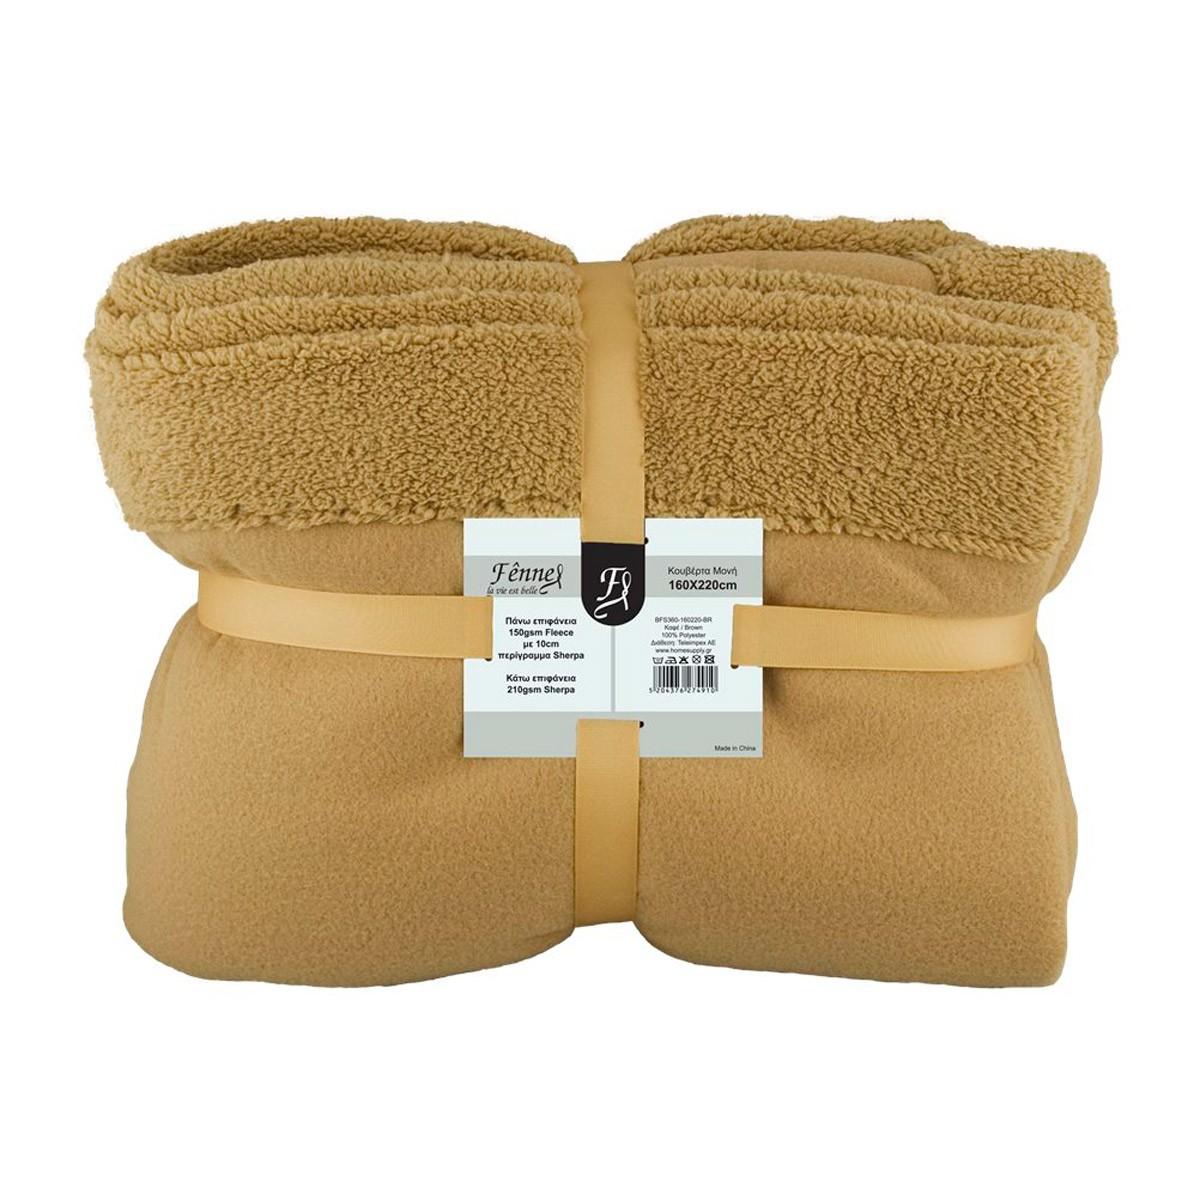 Κουβέρτα Fleece Μονή Fennel BFS360 Camel Brown